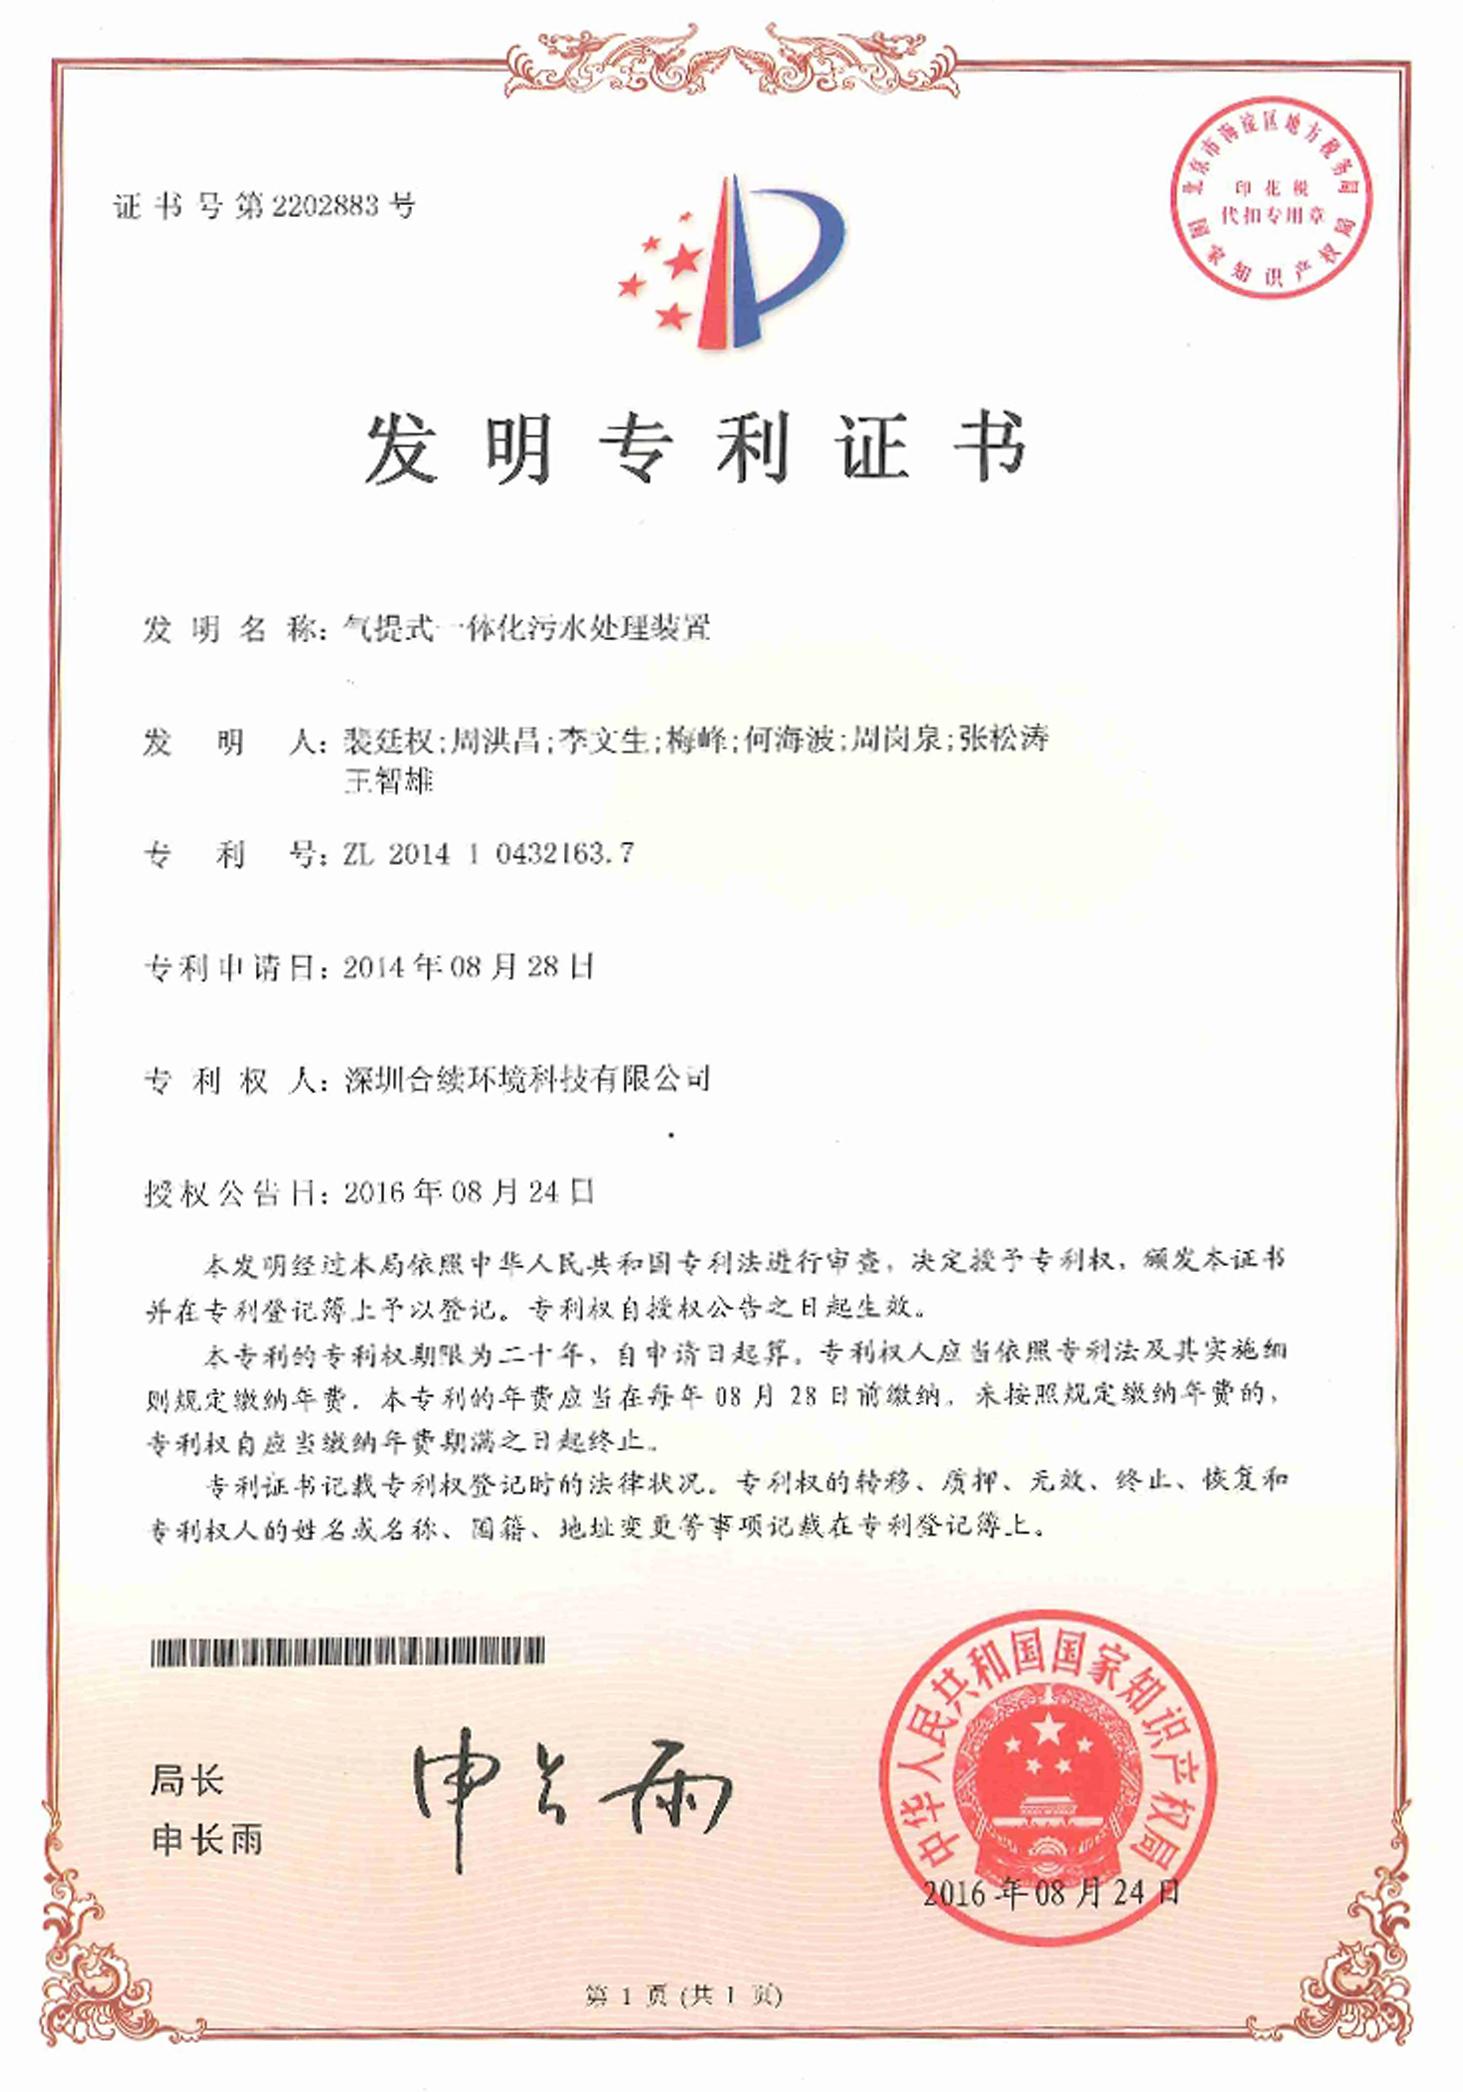 发明专利  气提式一体化12bet官网登录装置发明专利证书